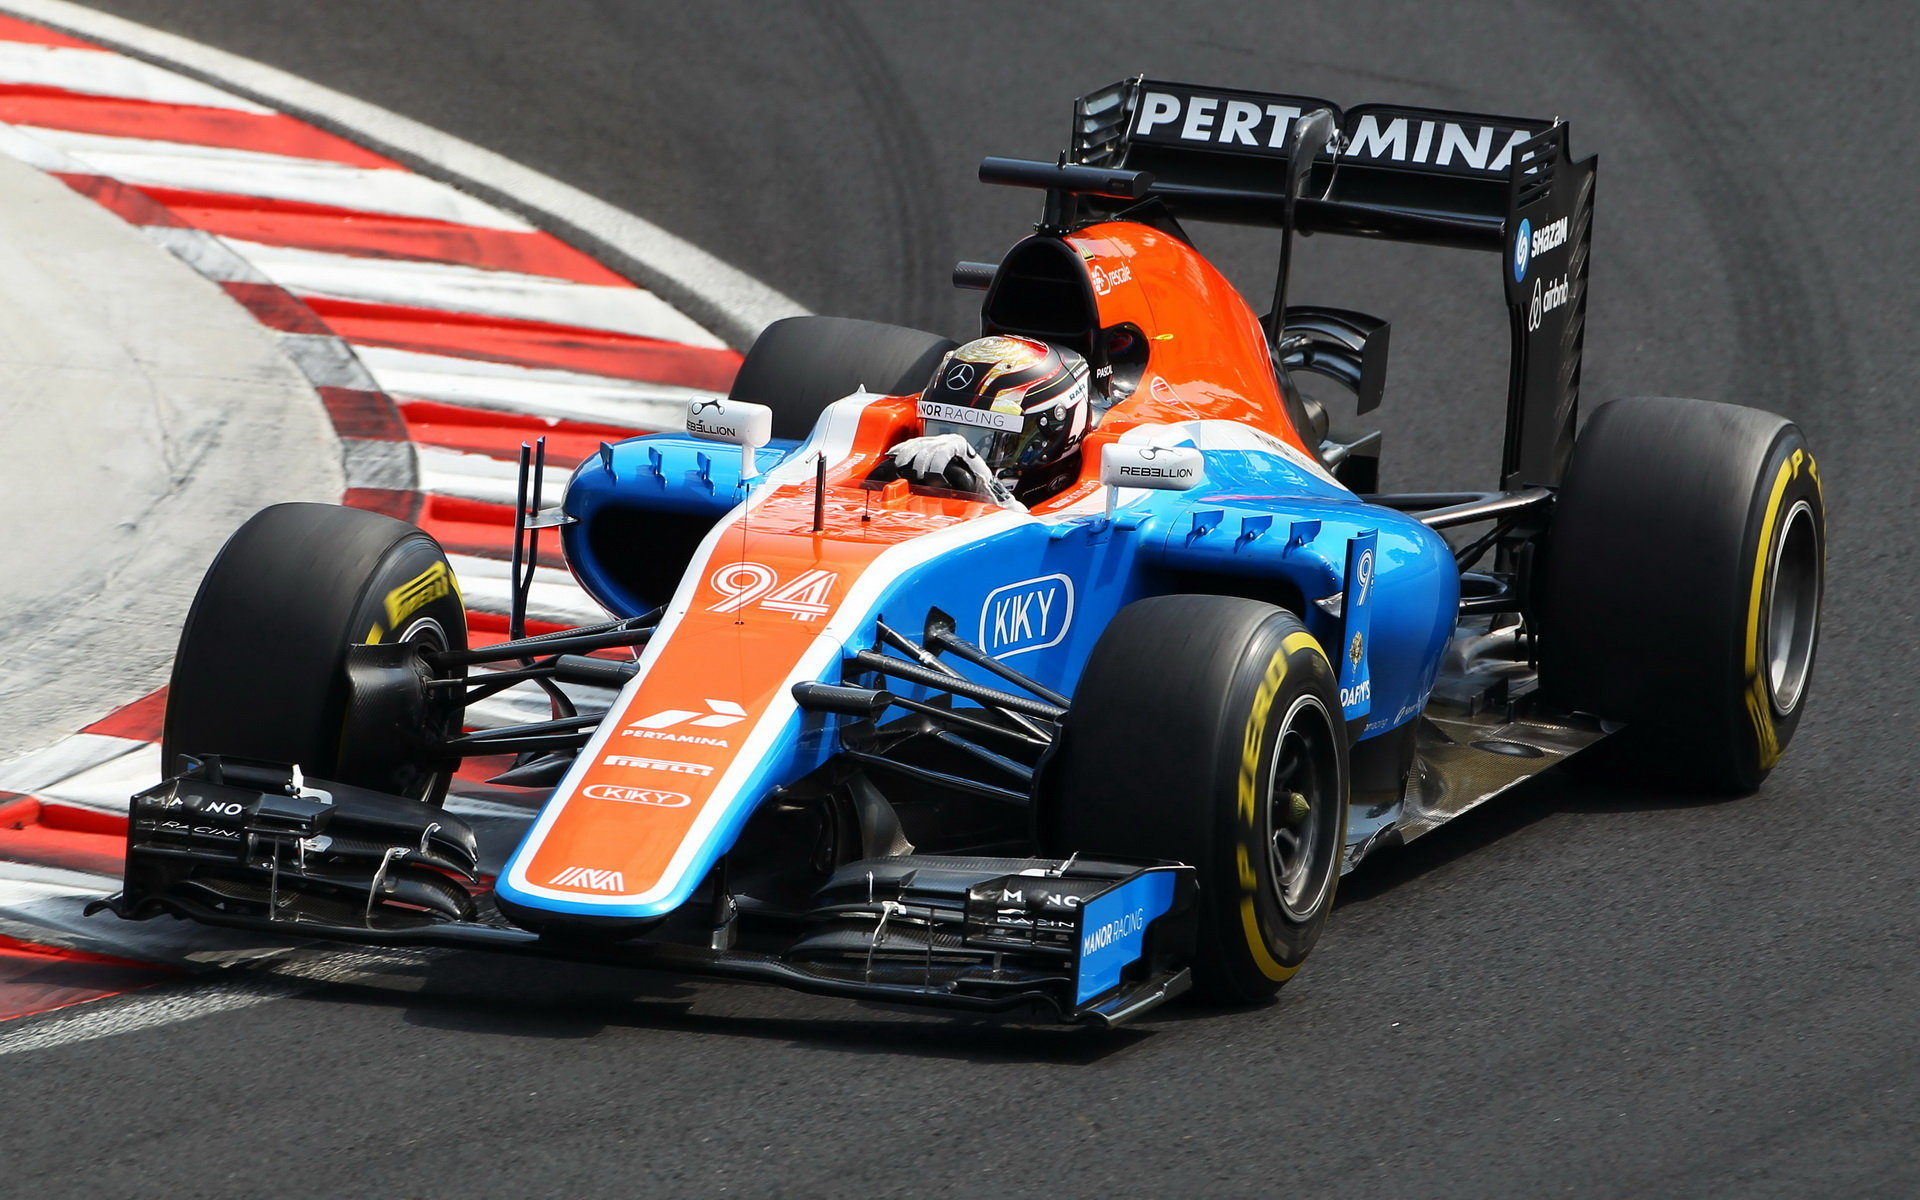 NEJVYŠŠÍ RYCHLOSTI: Wehrlein s Manorem 325,9 km/h, McLaren o 10 km/h méně - anotační obrázek